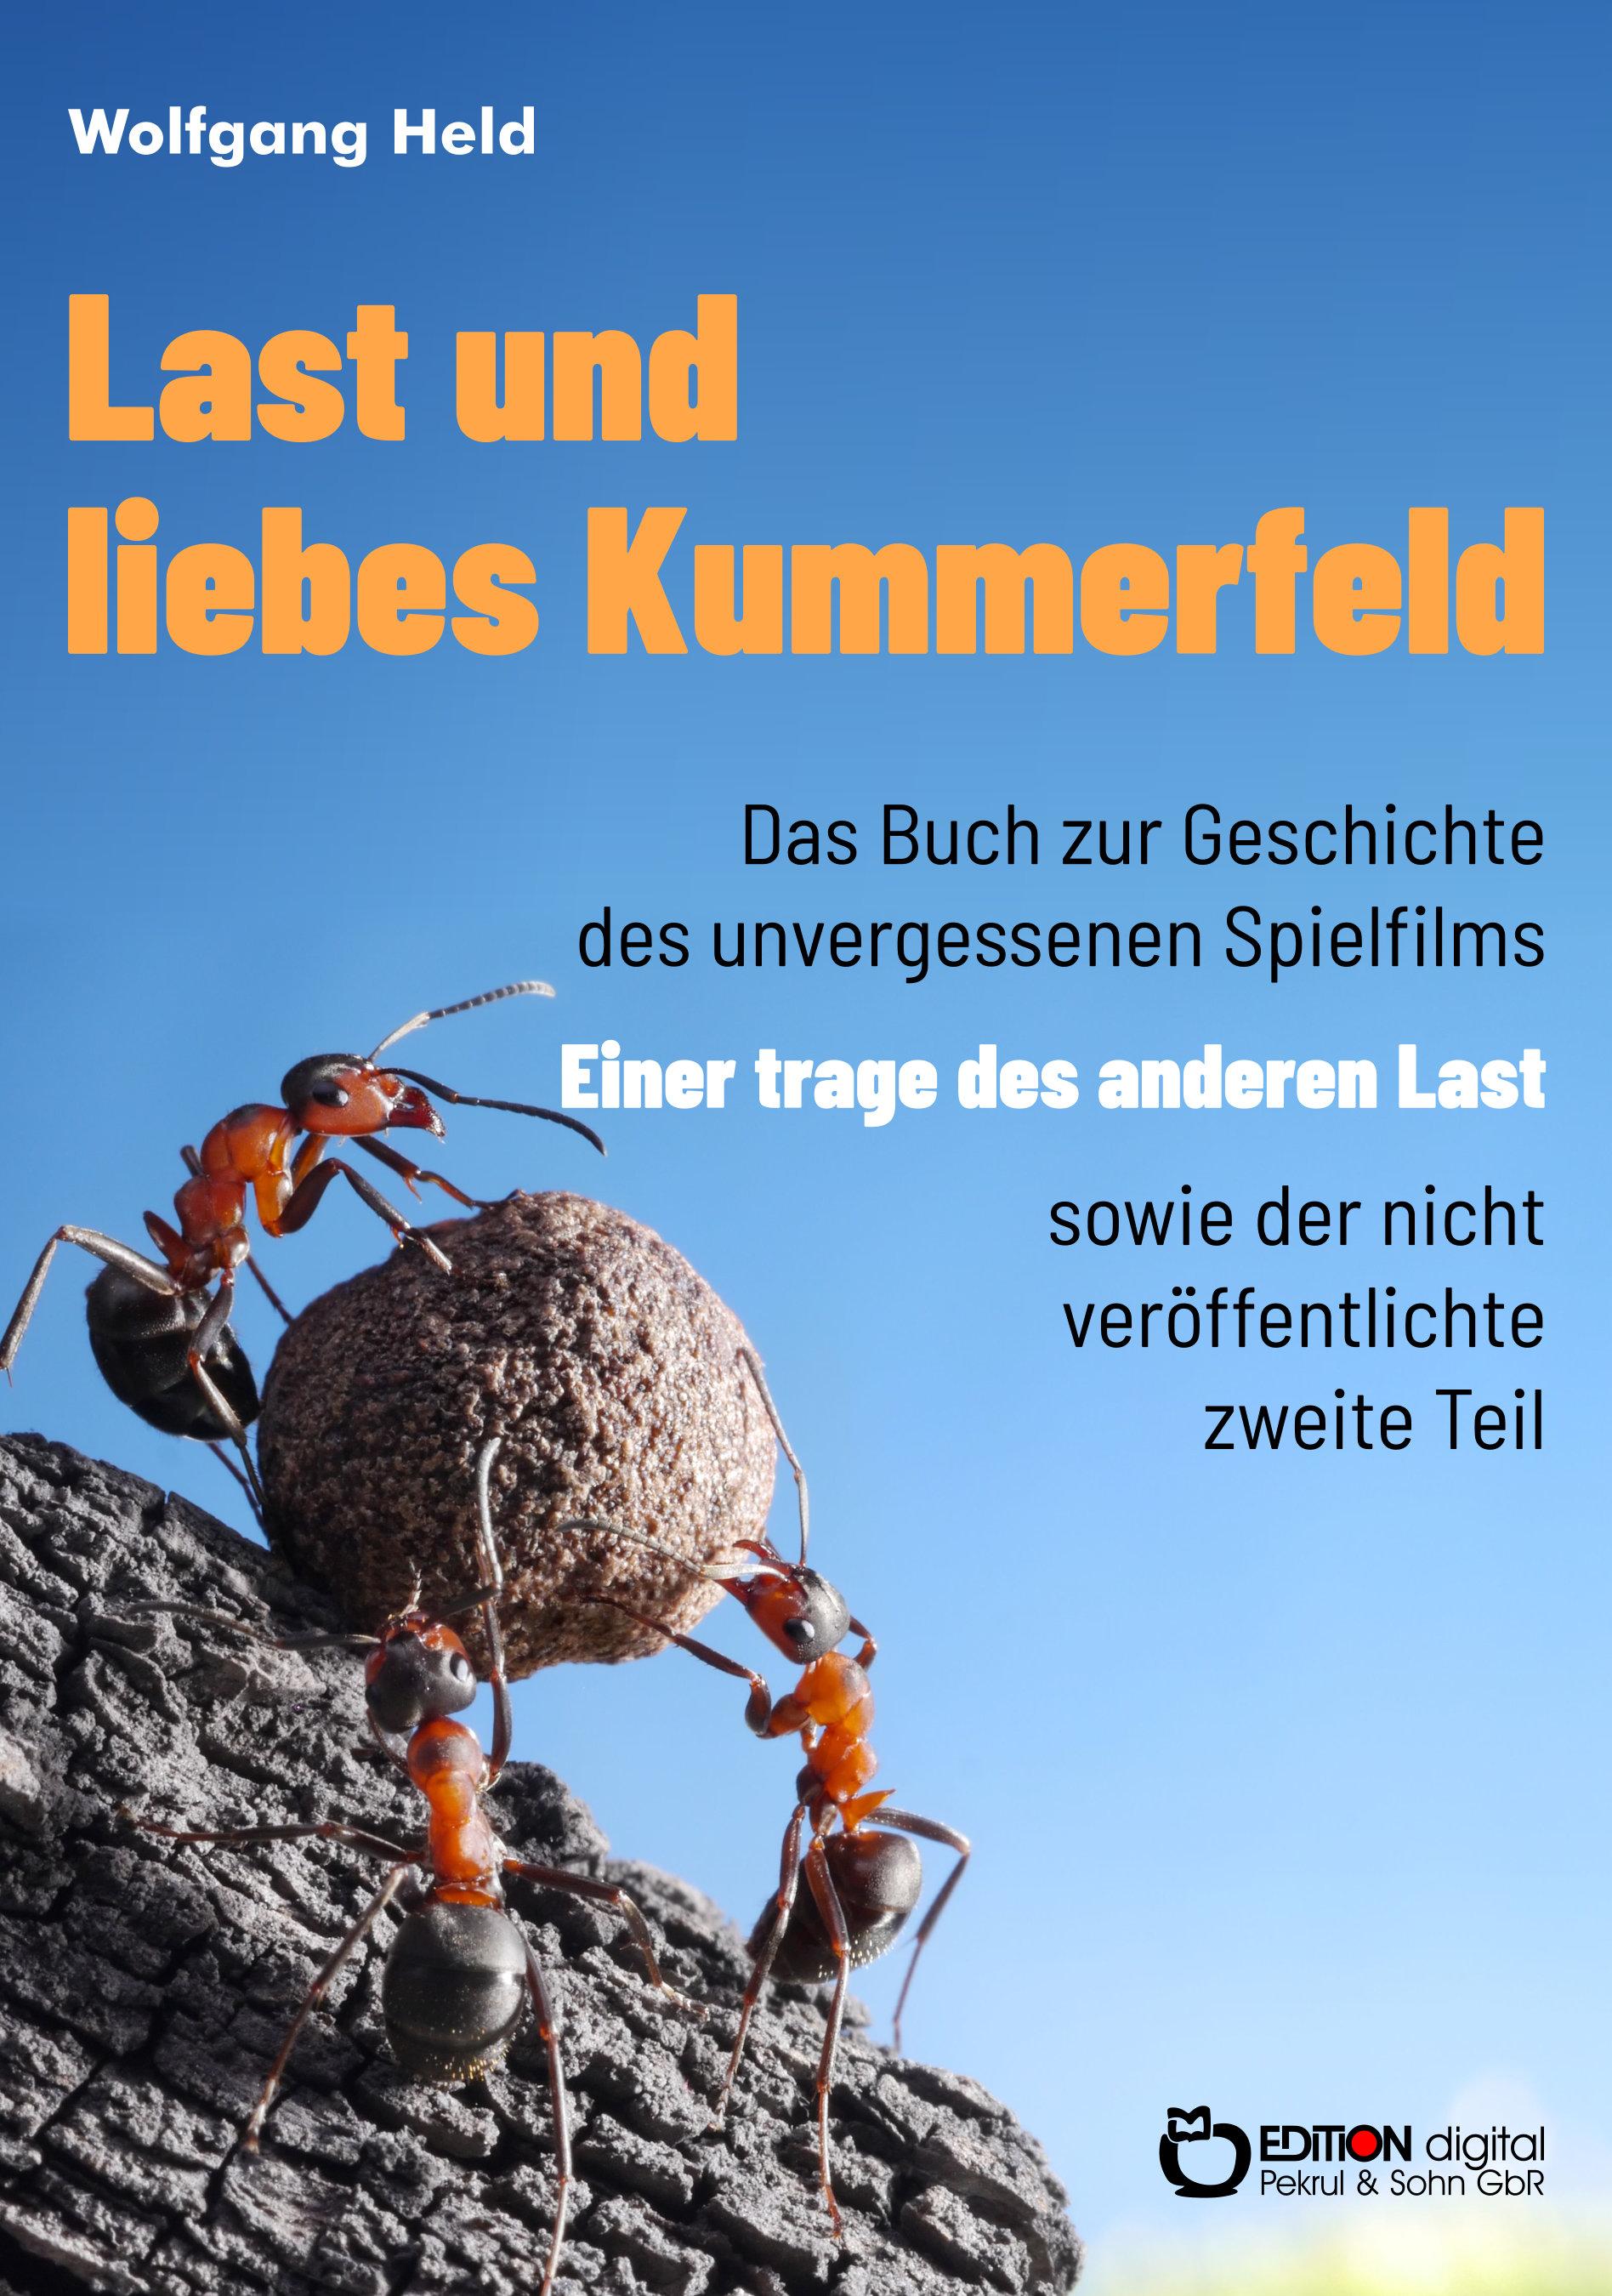 """Last und liebes Kummerfeld. Das Buch zur Geschichte des unvergessenen Spielfilms """"Einer trage des anderen Last"""" sowie der nicht veröffentlichte zweite Teil von Wolfgang Held"""